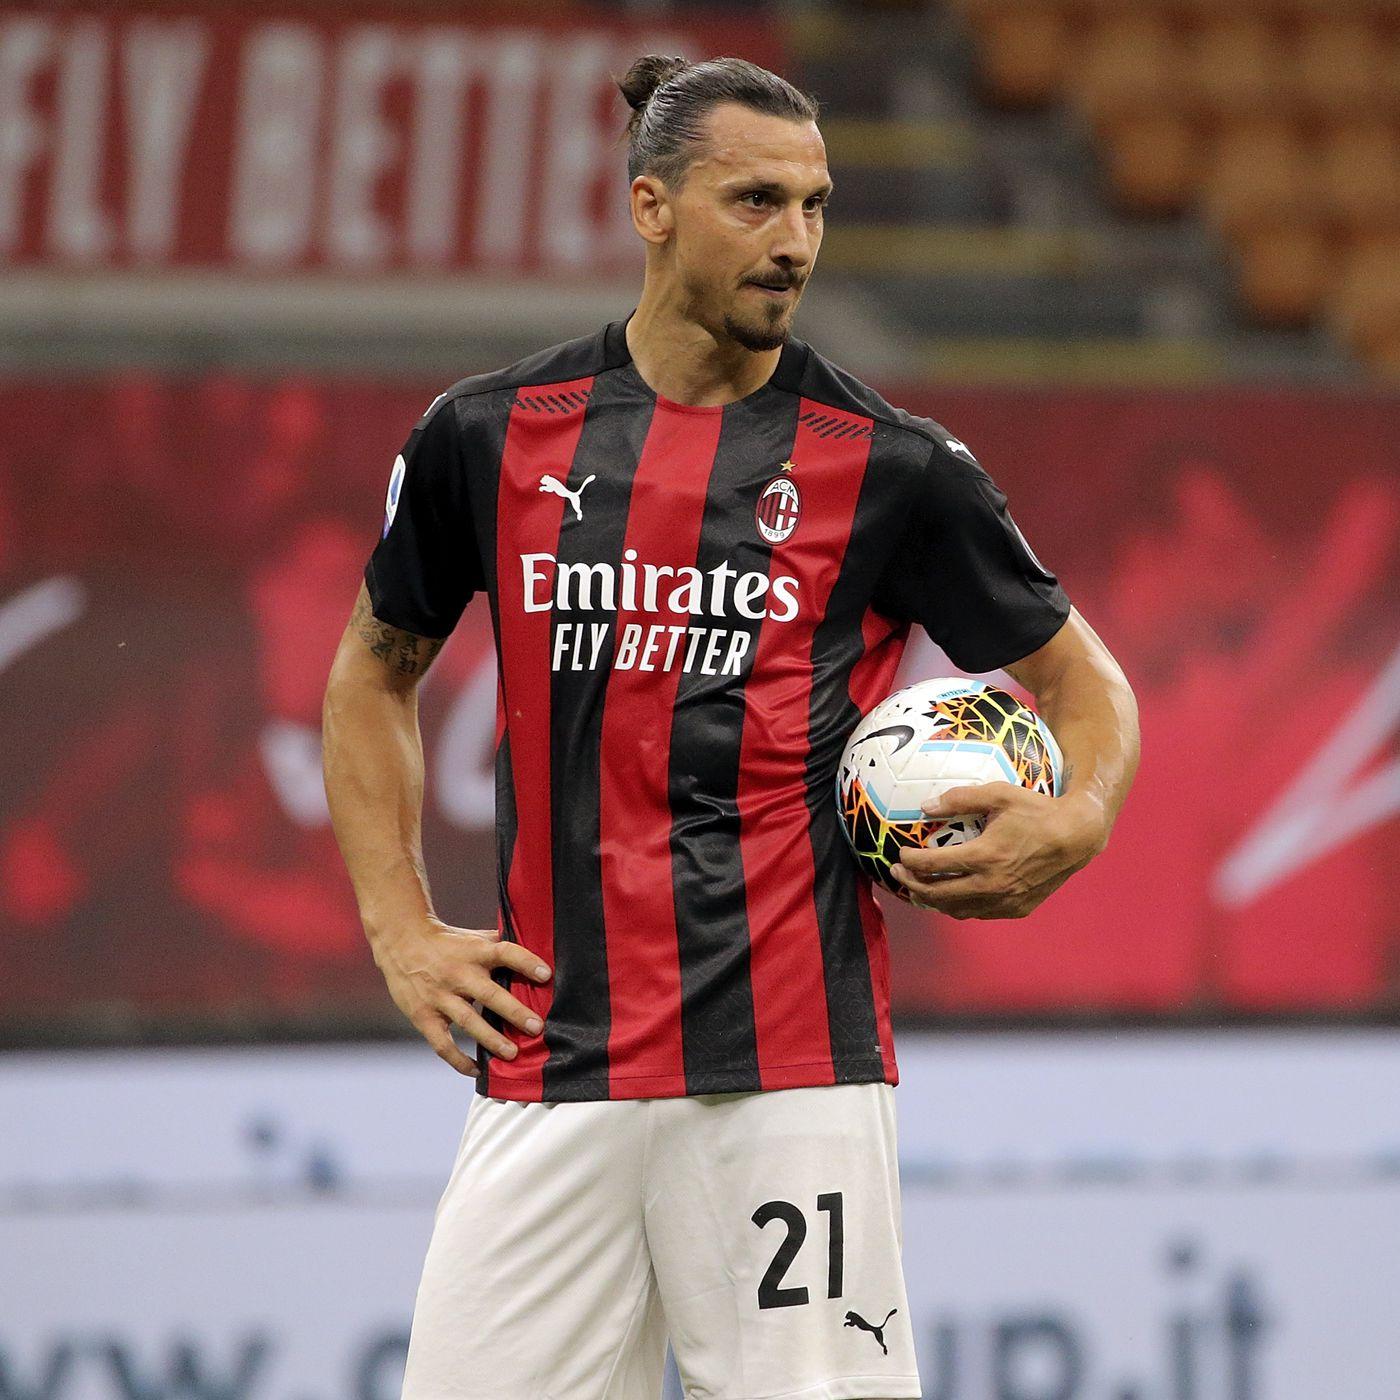 Zlatan Ibrahimovic eta altezza peso moglie figli valore mercato contratto